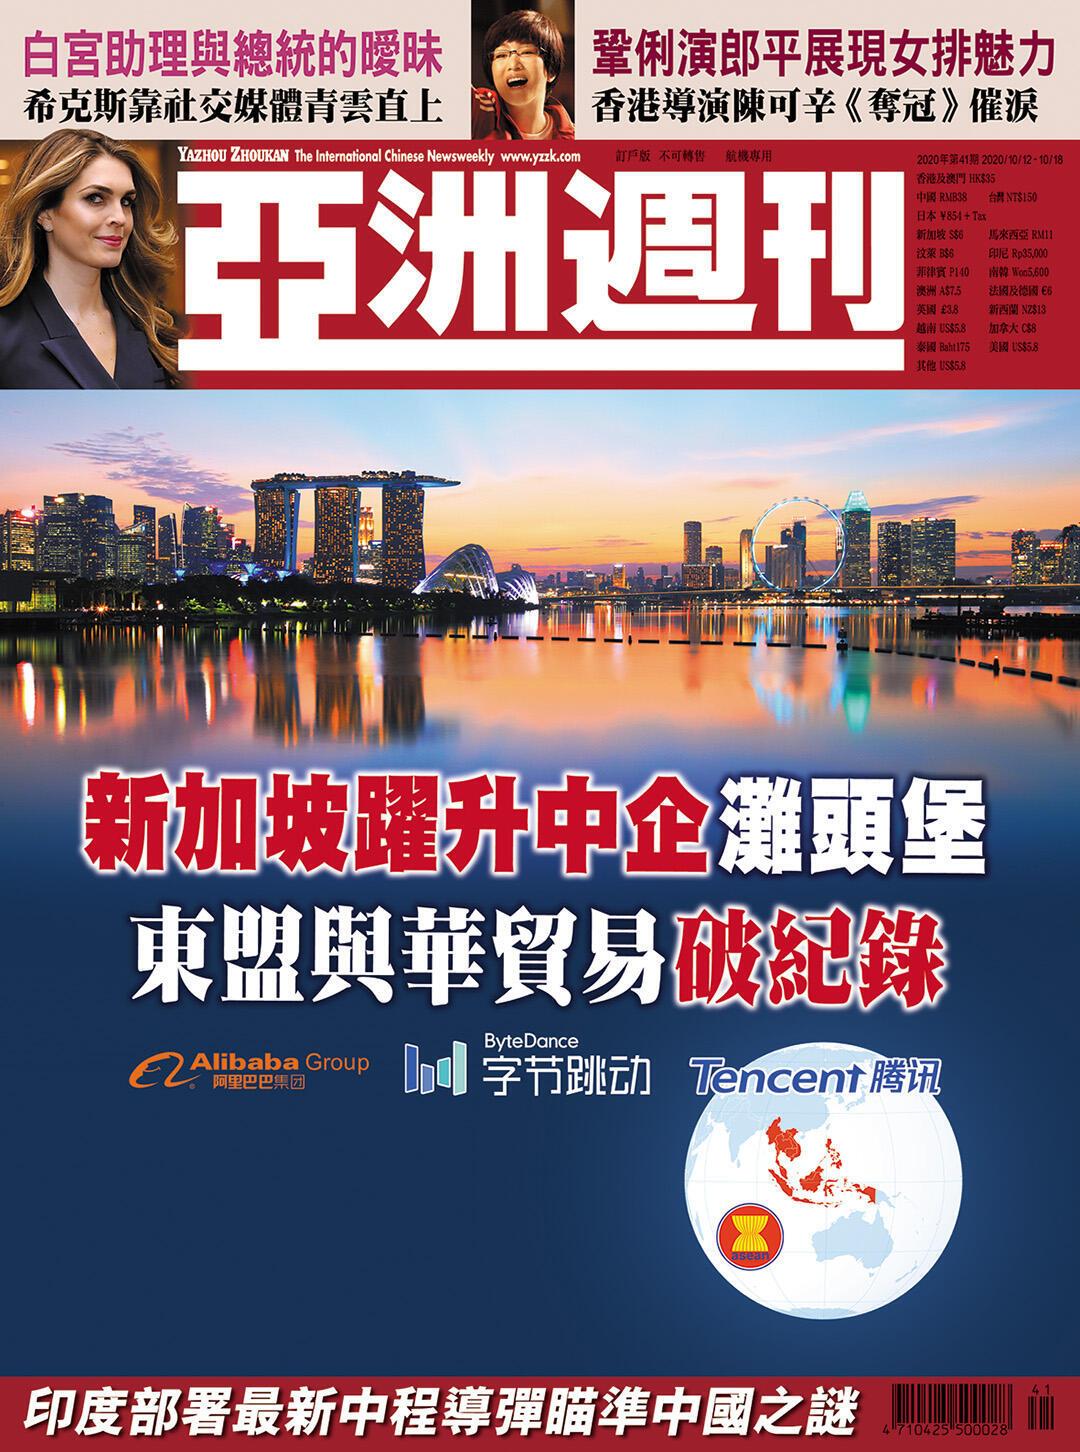 新加坡跃升中企滩头堡,东盟与中国贸易破纪录。